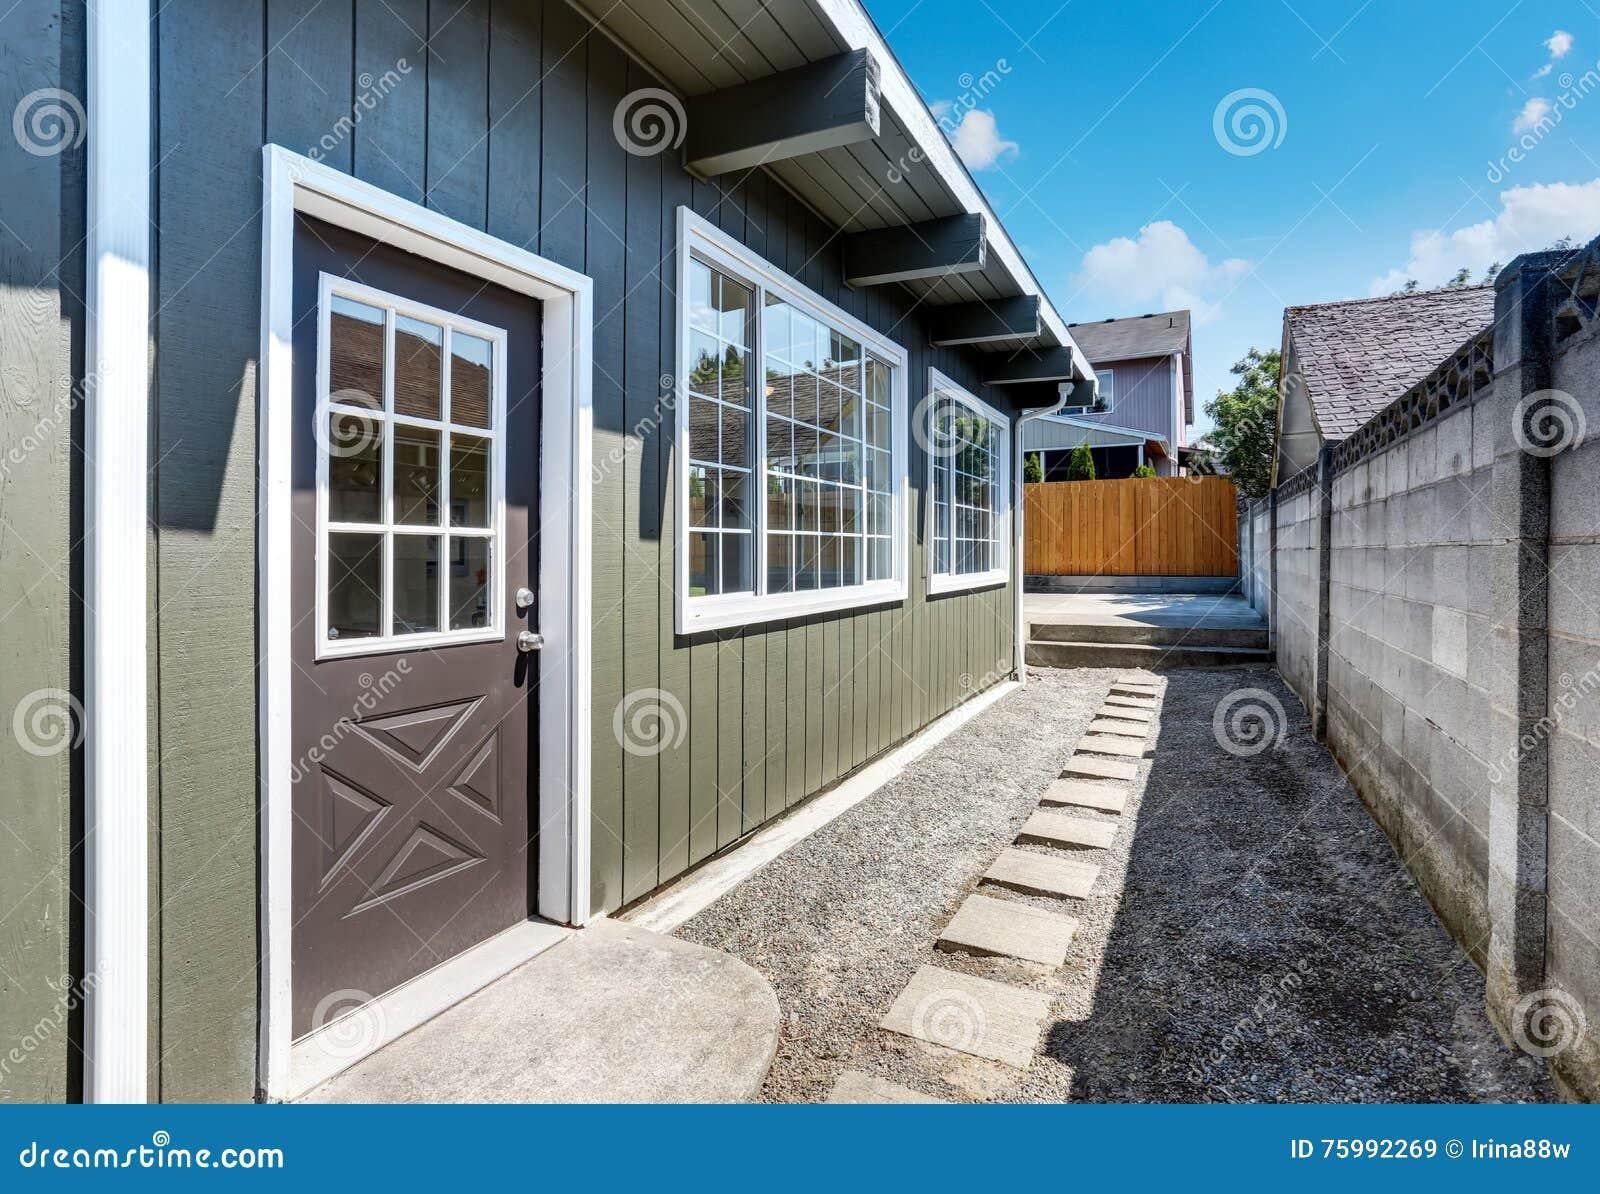 Cour Gravier pour maison d'arrière cour extérieure avec le passage couvert de gravier